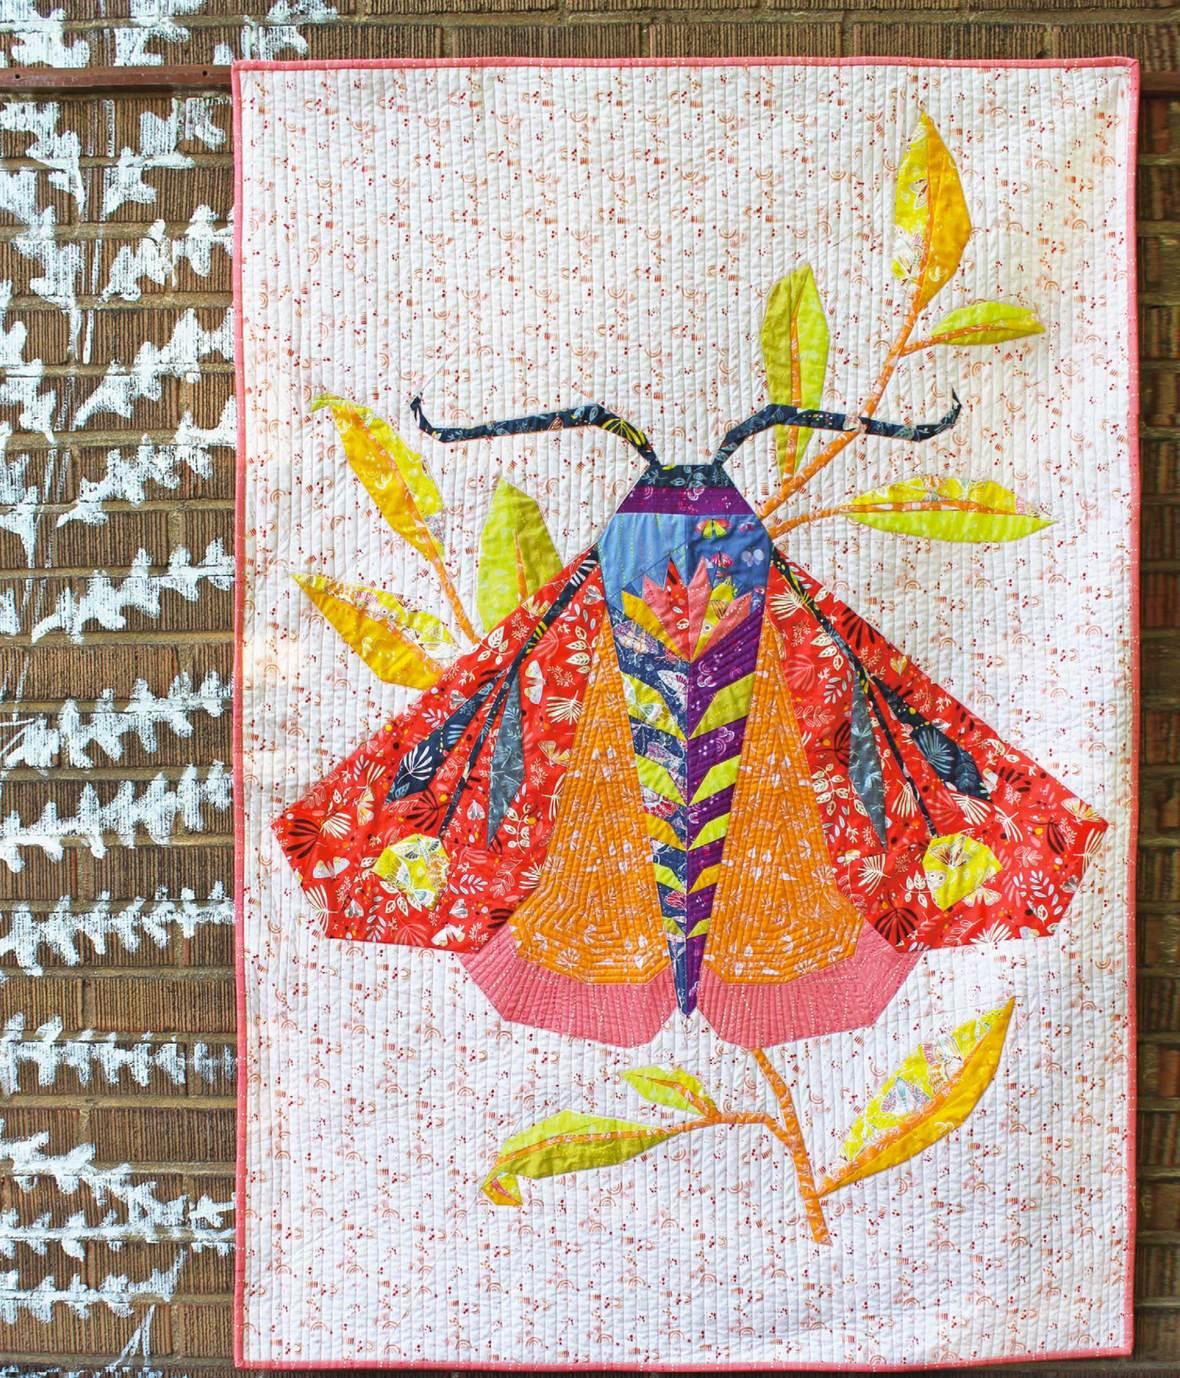 The-Moth-Quilt-Tamara